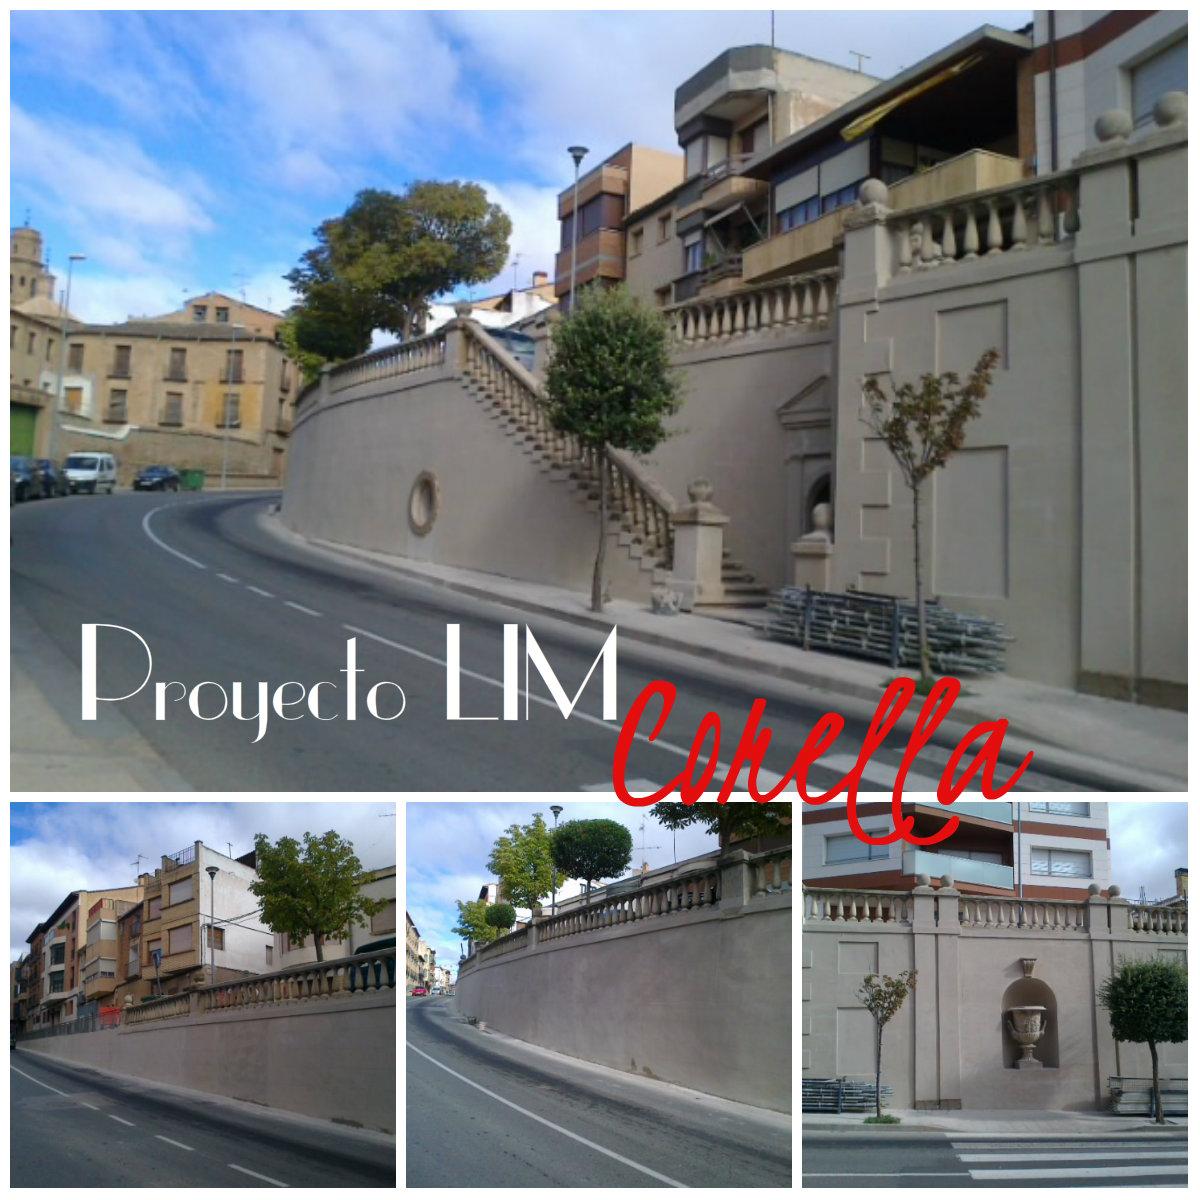 Cabanillas Lim Jpg 3456 2304 El Proyecto Lim En Imag Nes  # Muebles Casal Tauste